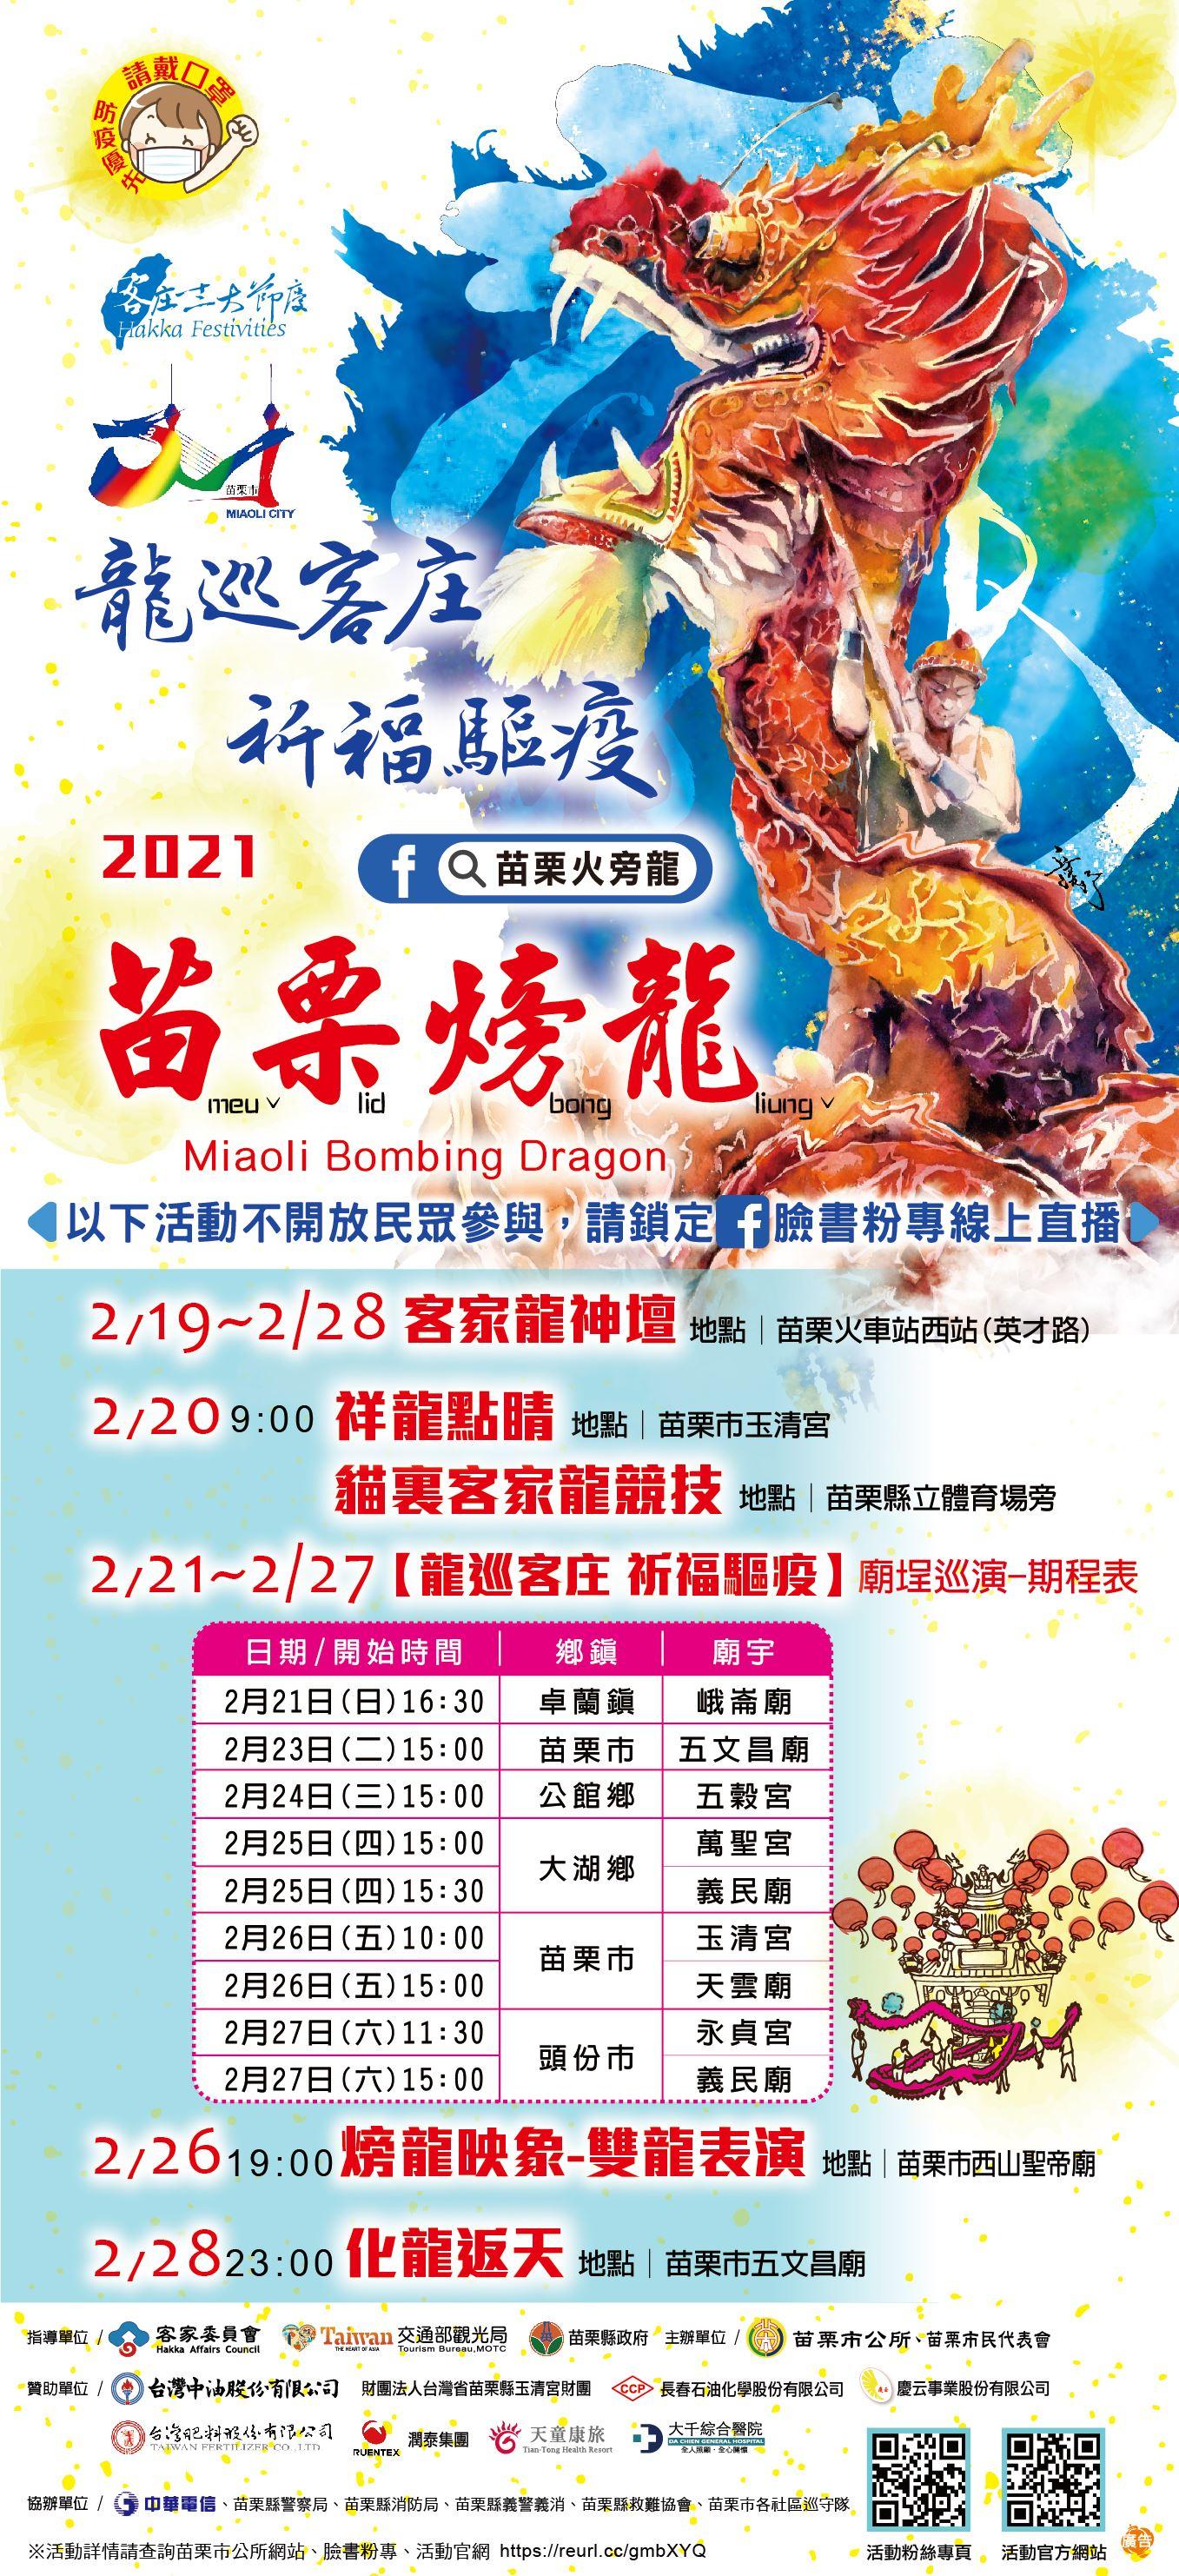 2021苗栗火旁龍—「龍巡客庄 祈福驅疫」廟程巡演期程